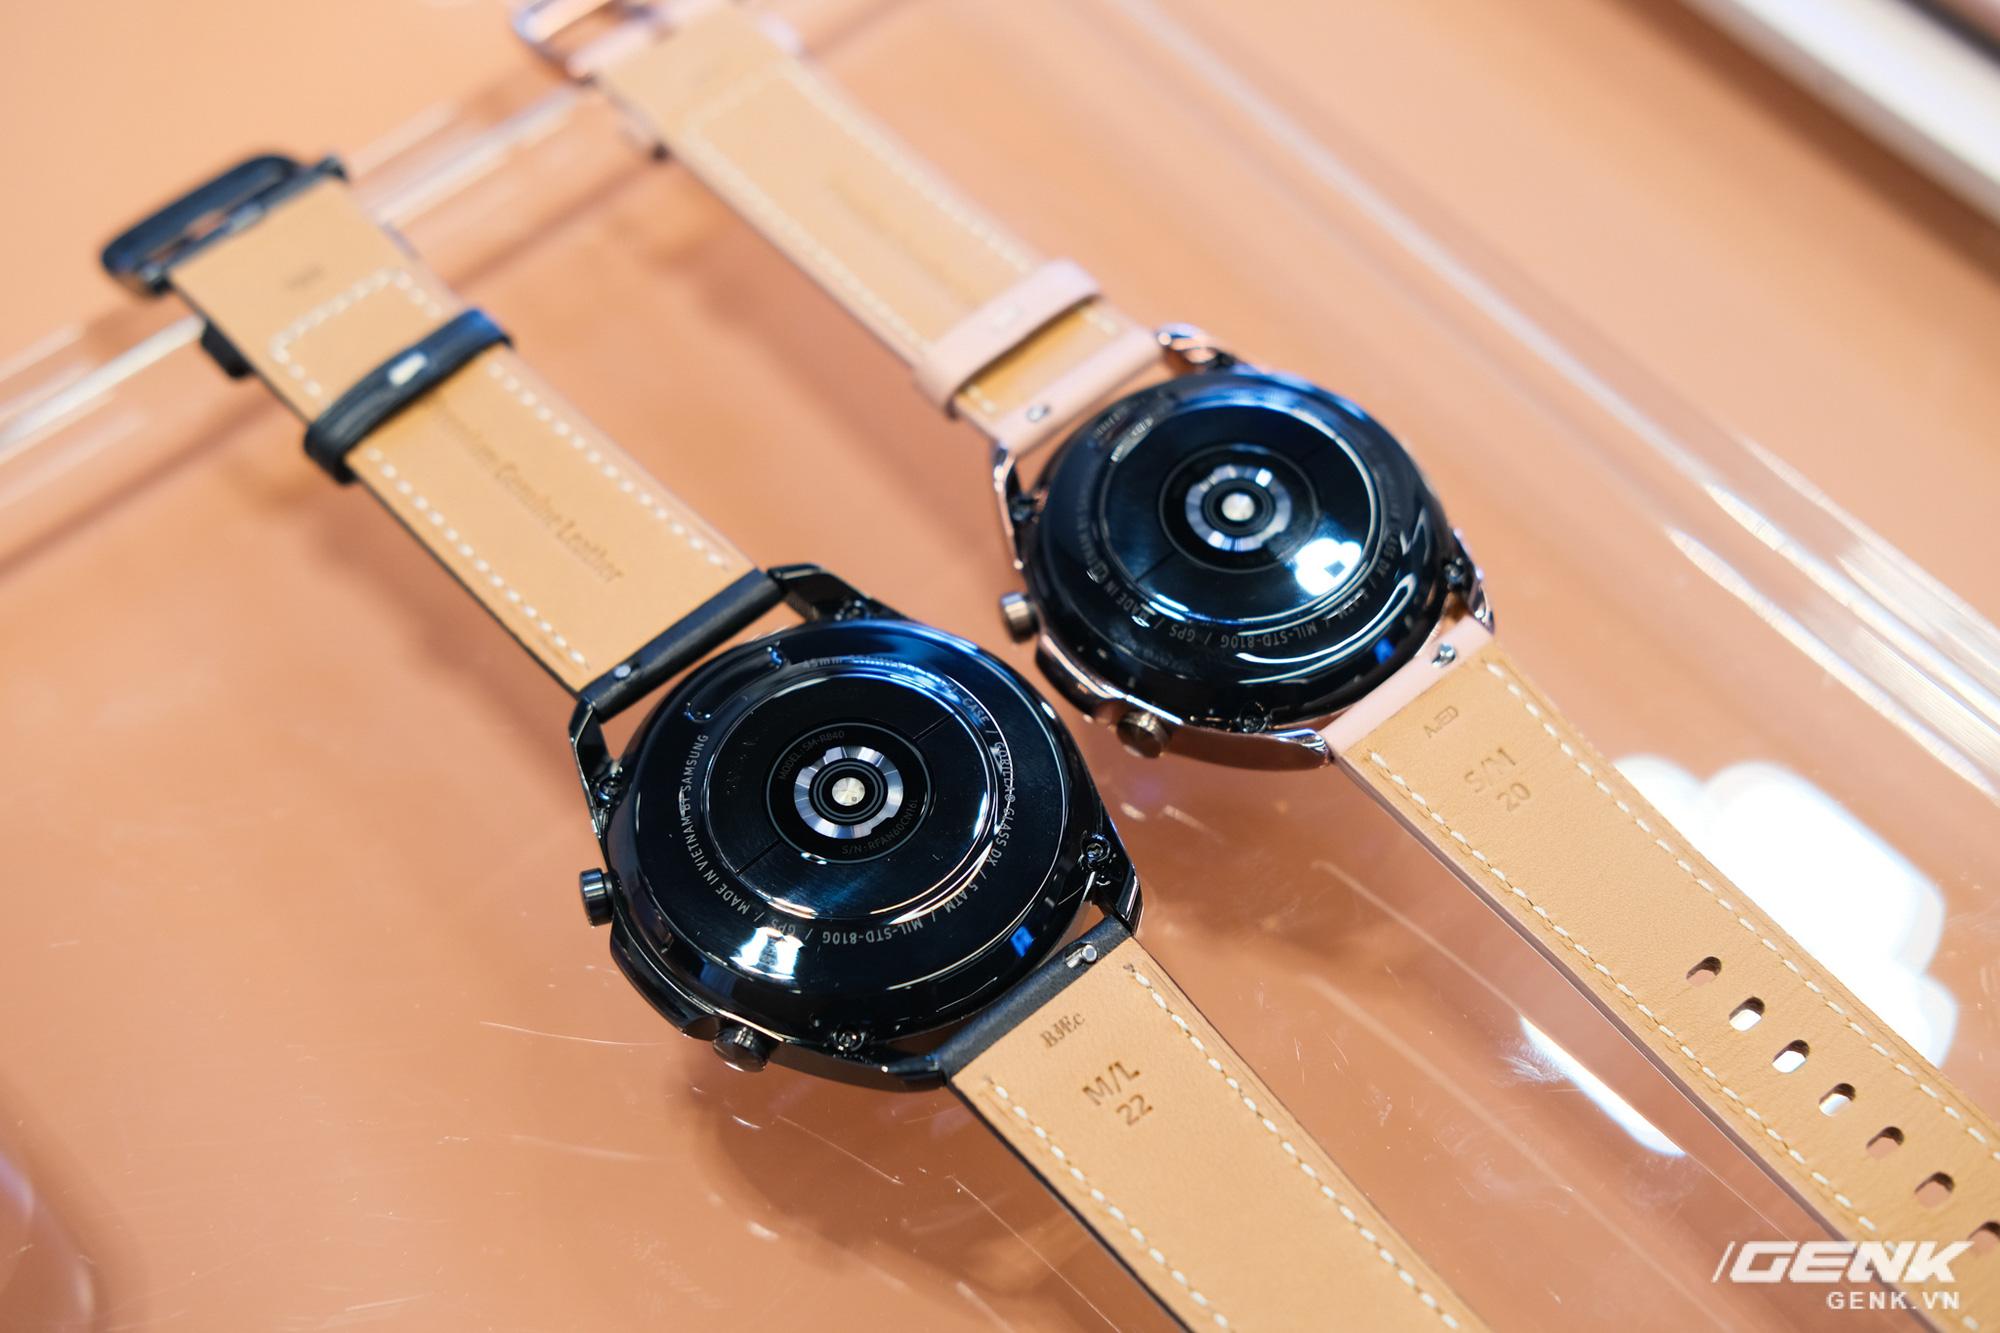 Trên tay đồng hồ Samsung Galaxy Watch 3 và tai nghe không dây chống ồn hạt đậu Galaxy Buds Live - Ảnh 3.